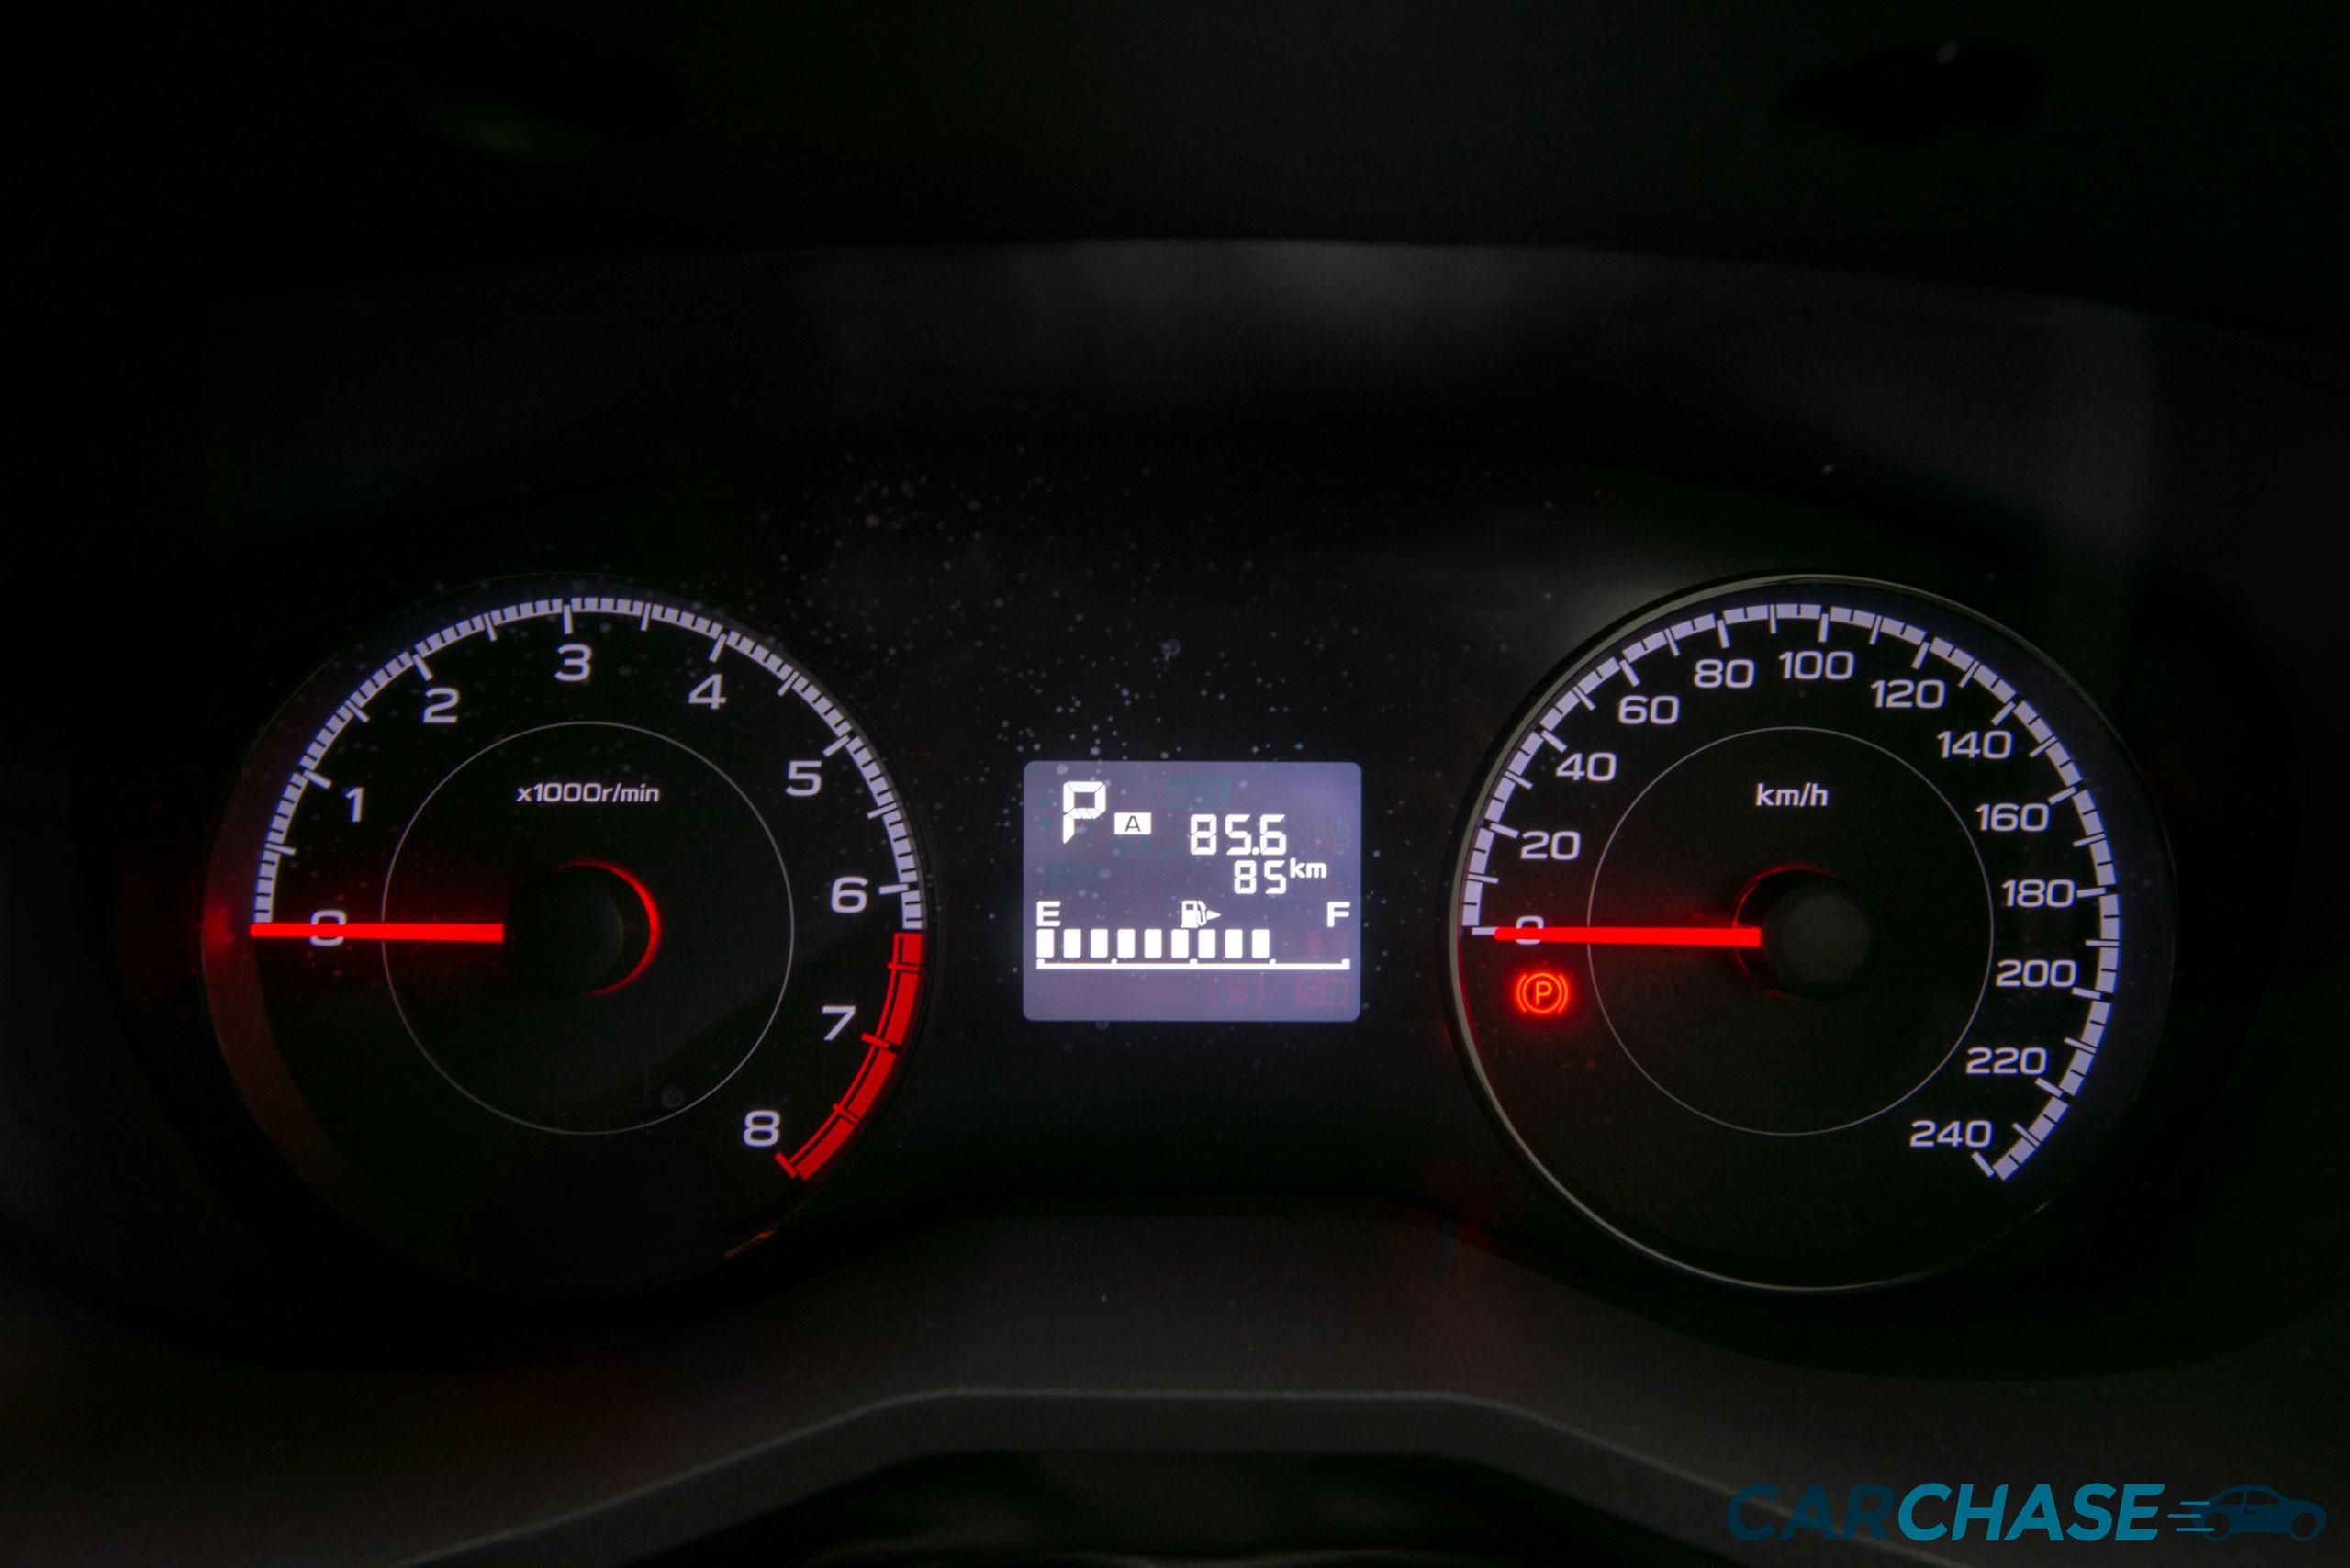 Image of dials profile of 2018 Subaru Impreza 2.0i